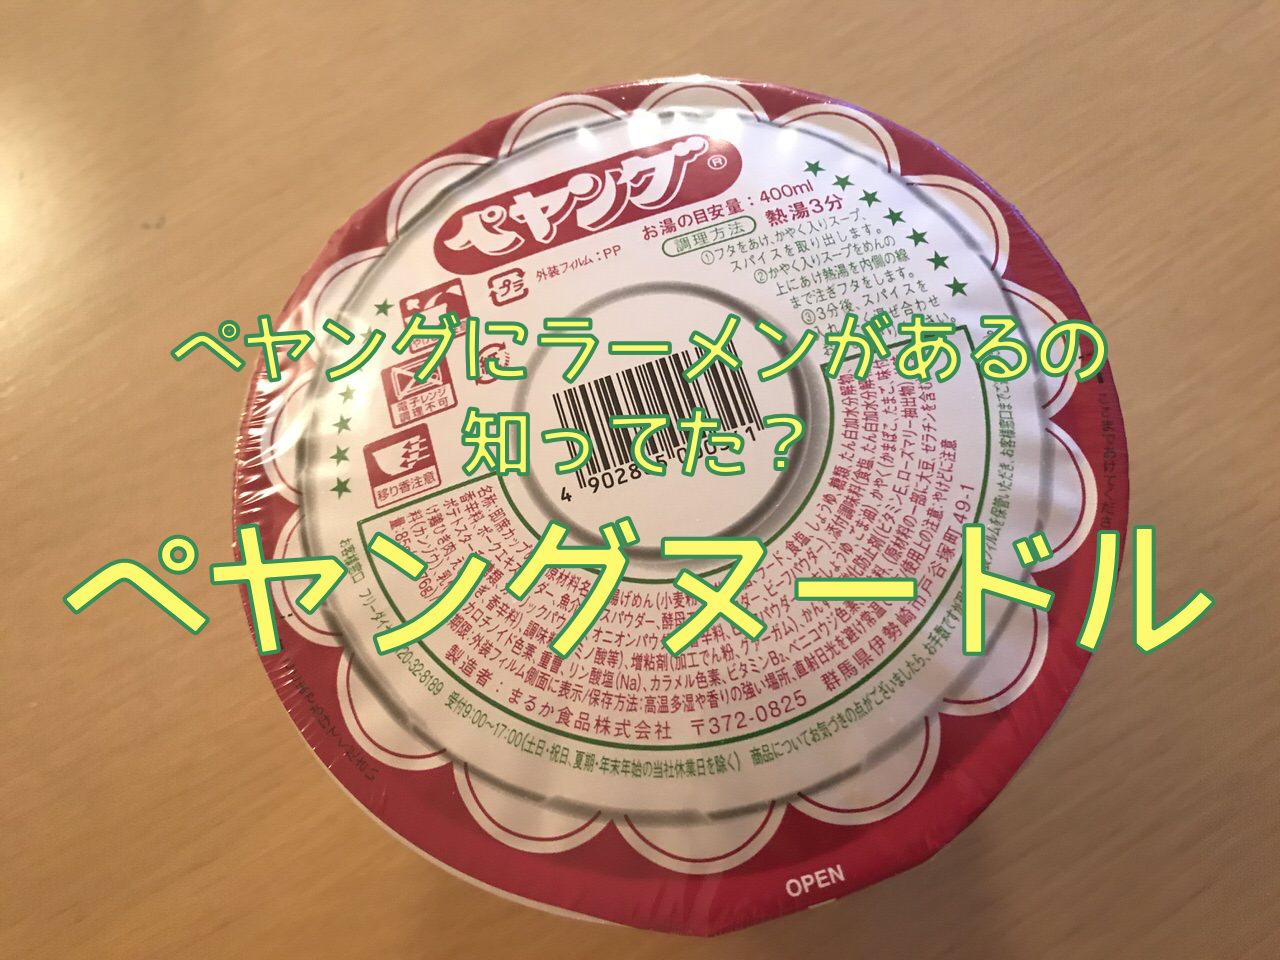 「ペヤングヌードル」幻!?ペヤングのカップ麺を新潟で発見